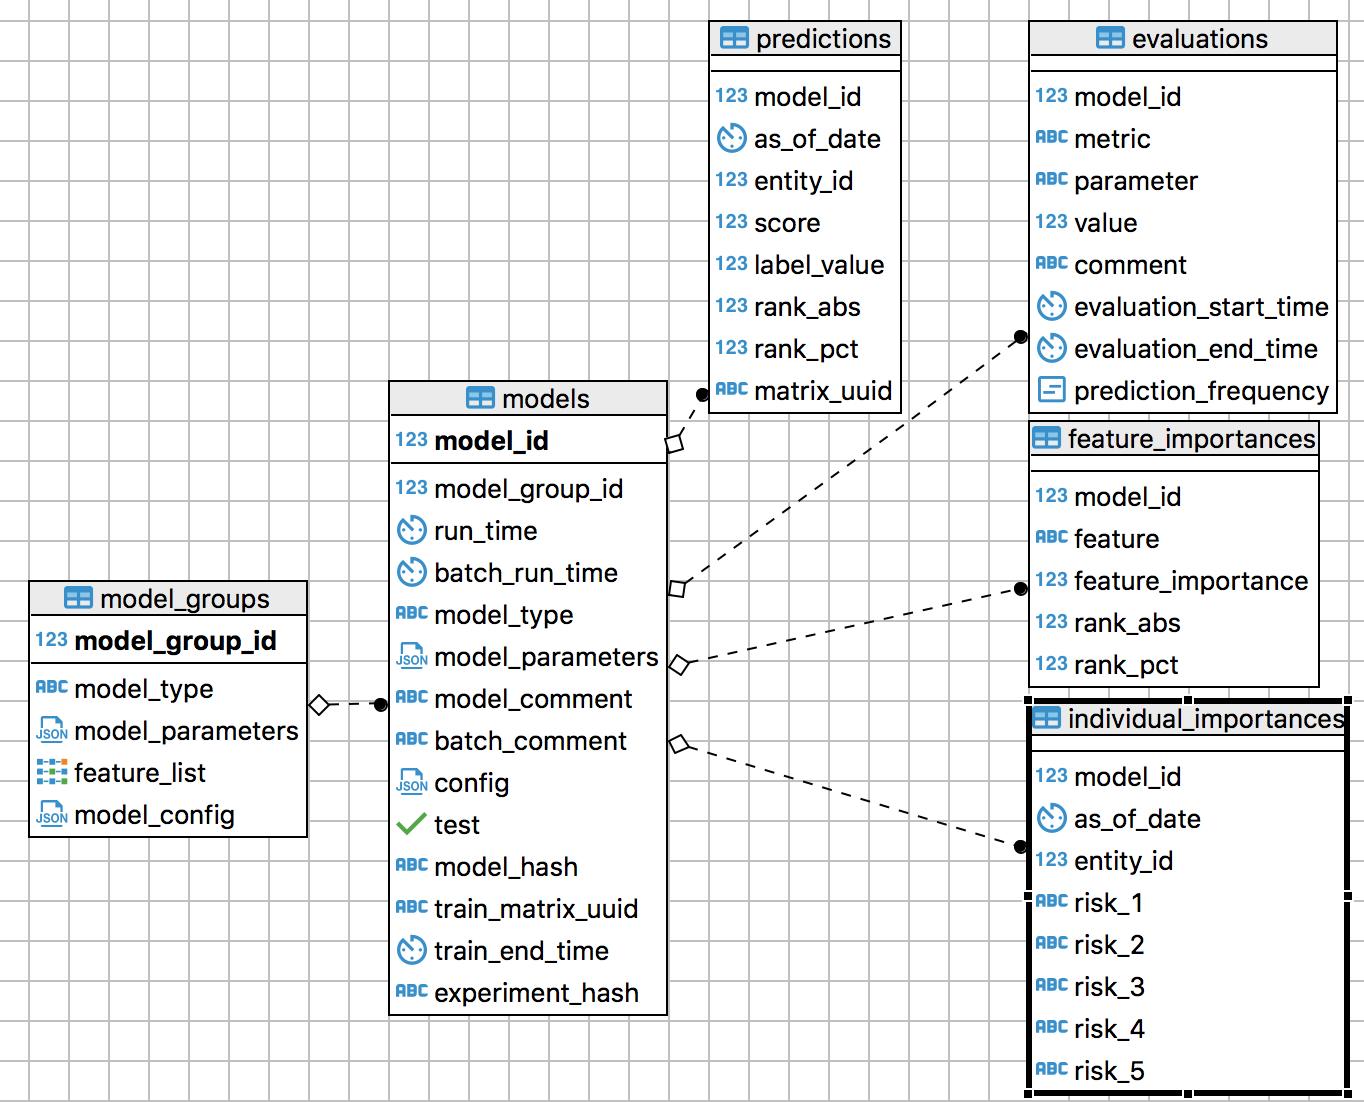 Sample Workshop Evaluation Forms